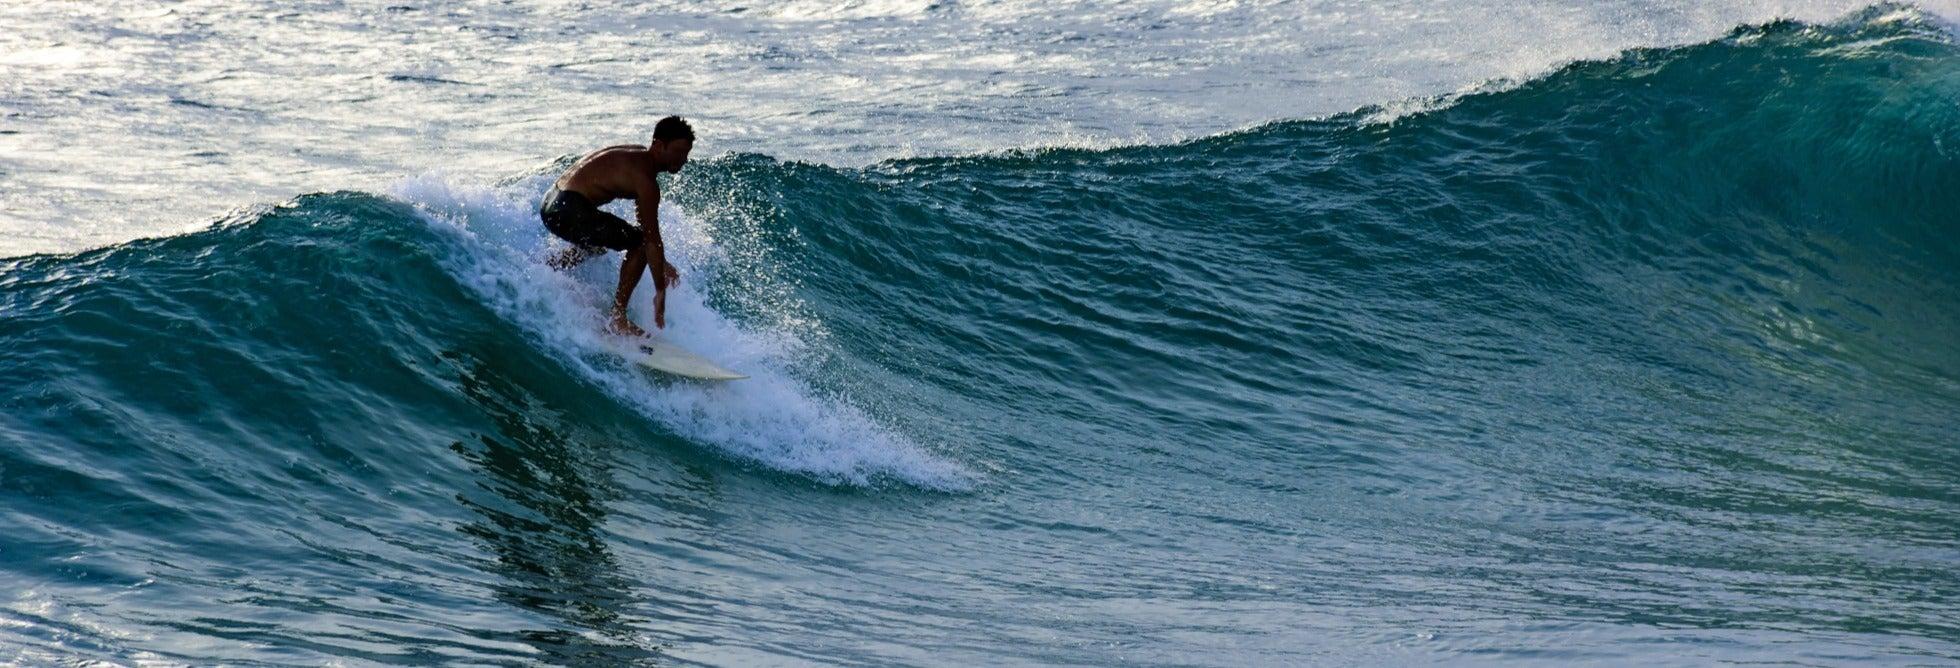 Curso de surfe no Rio de Janeiro